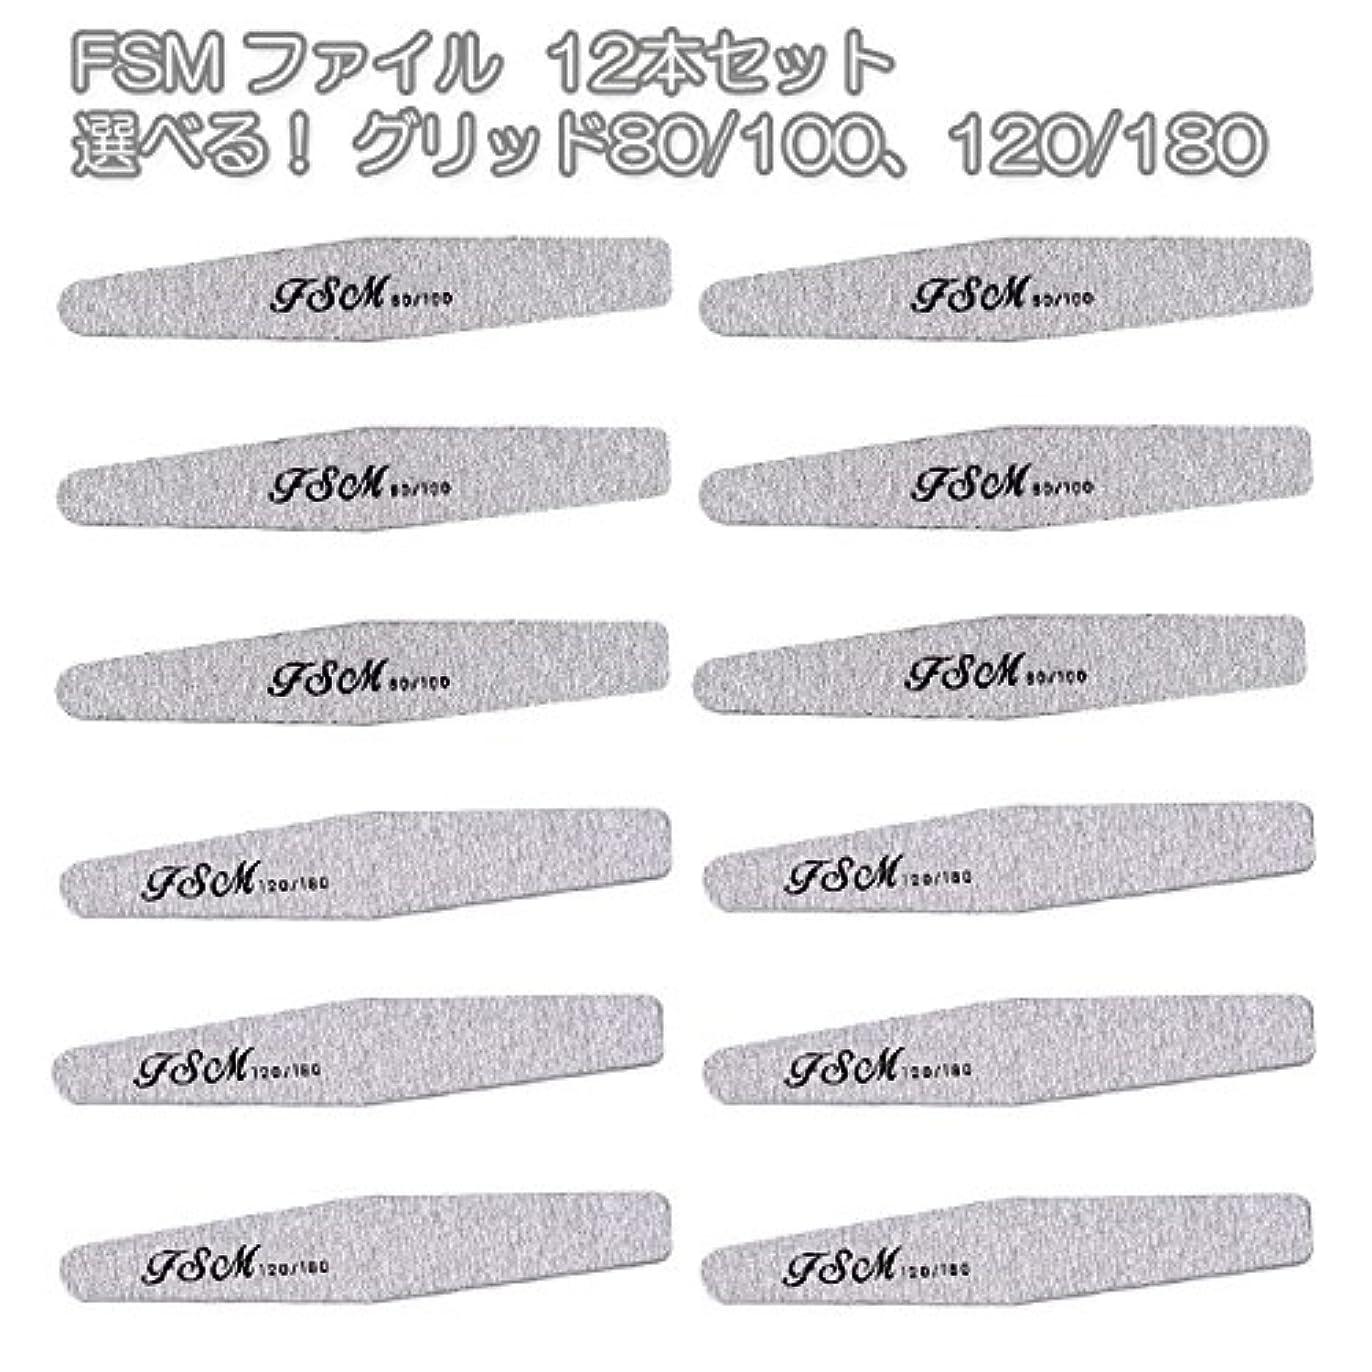 不確実虫白雪姫FSM ネイルファイル/バッファー12本セット(選べる!グリッド80/100、120/180) (G120/180の12本)